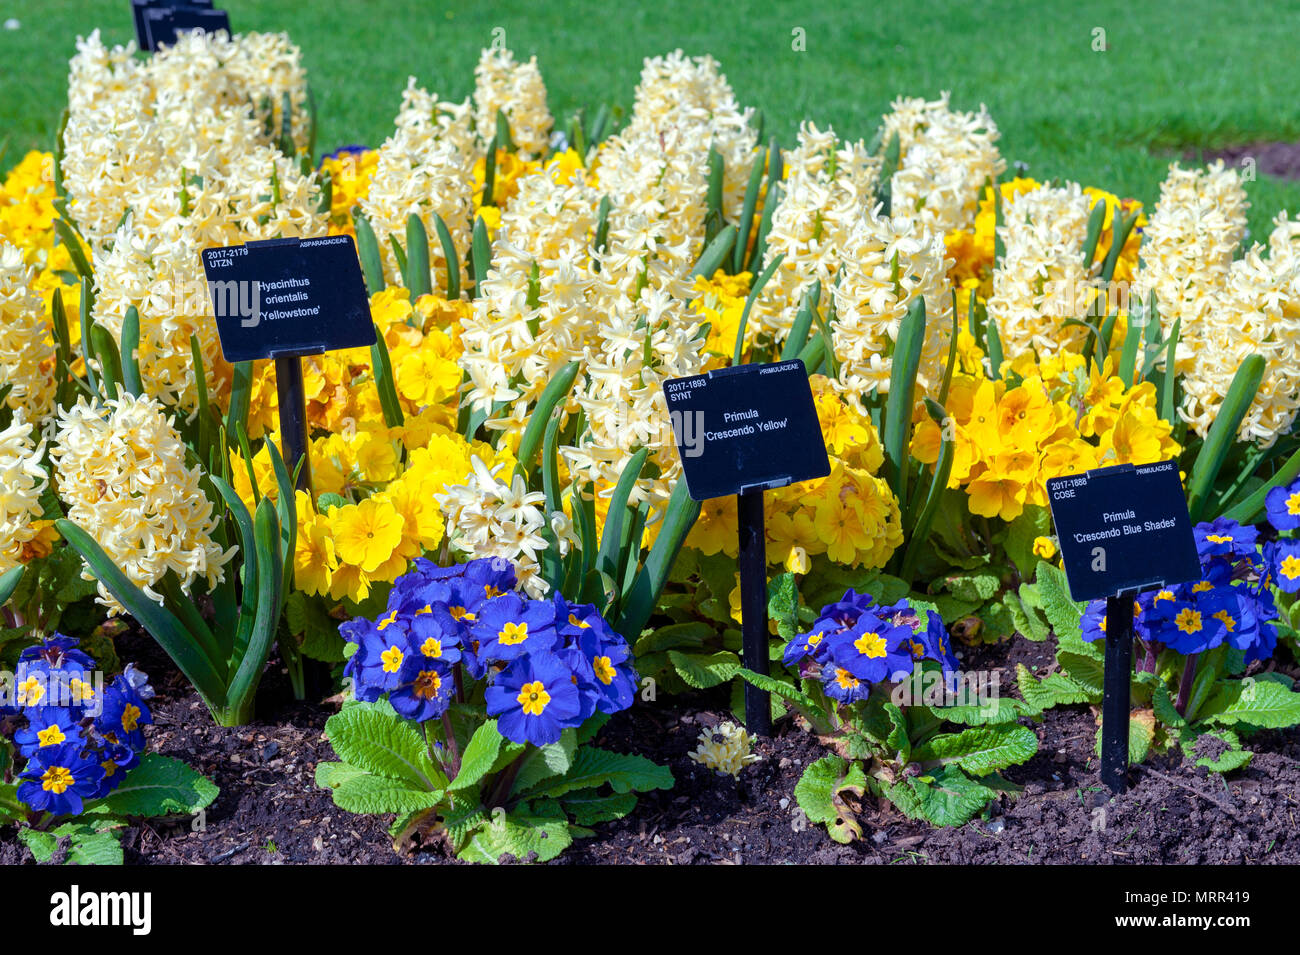 London, Regno Unito - Aprile 2018: un assortimento di fiori colorati e cresciuto in un aiuola a Kew Gardens, un giardino botanico nel sud-ovest di Londra - Inghilterra Immagini Stock